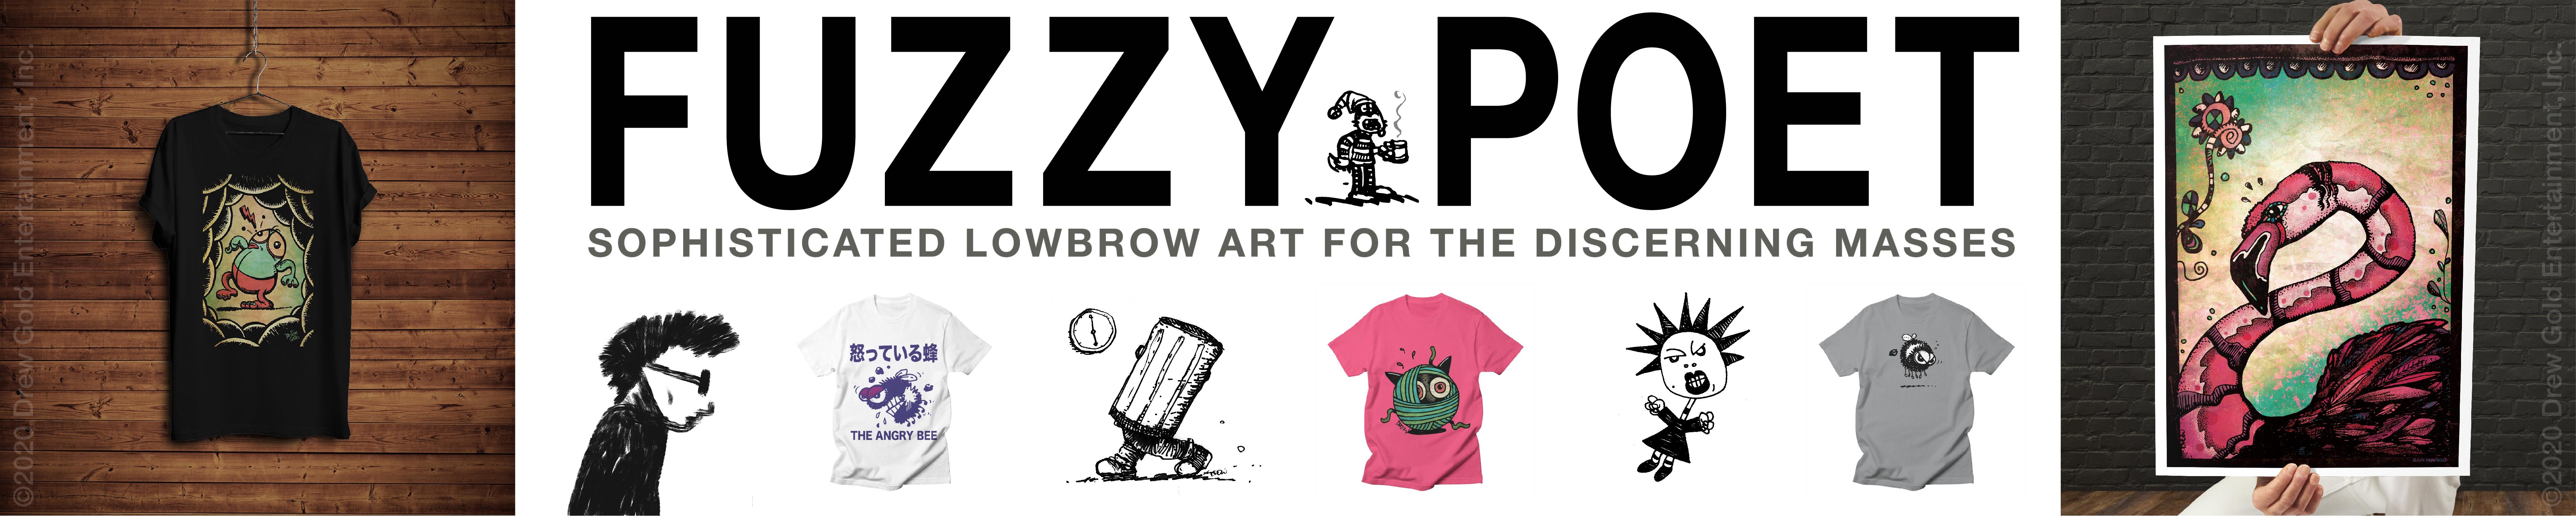 FuzzyPoet Cover